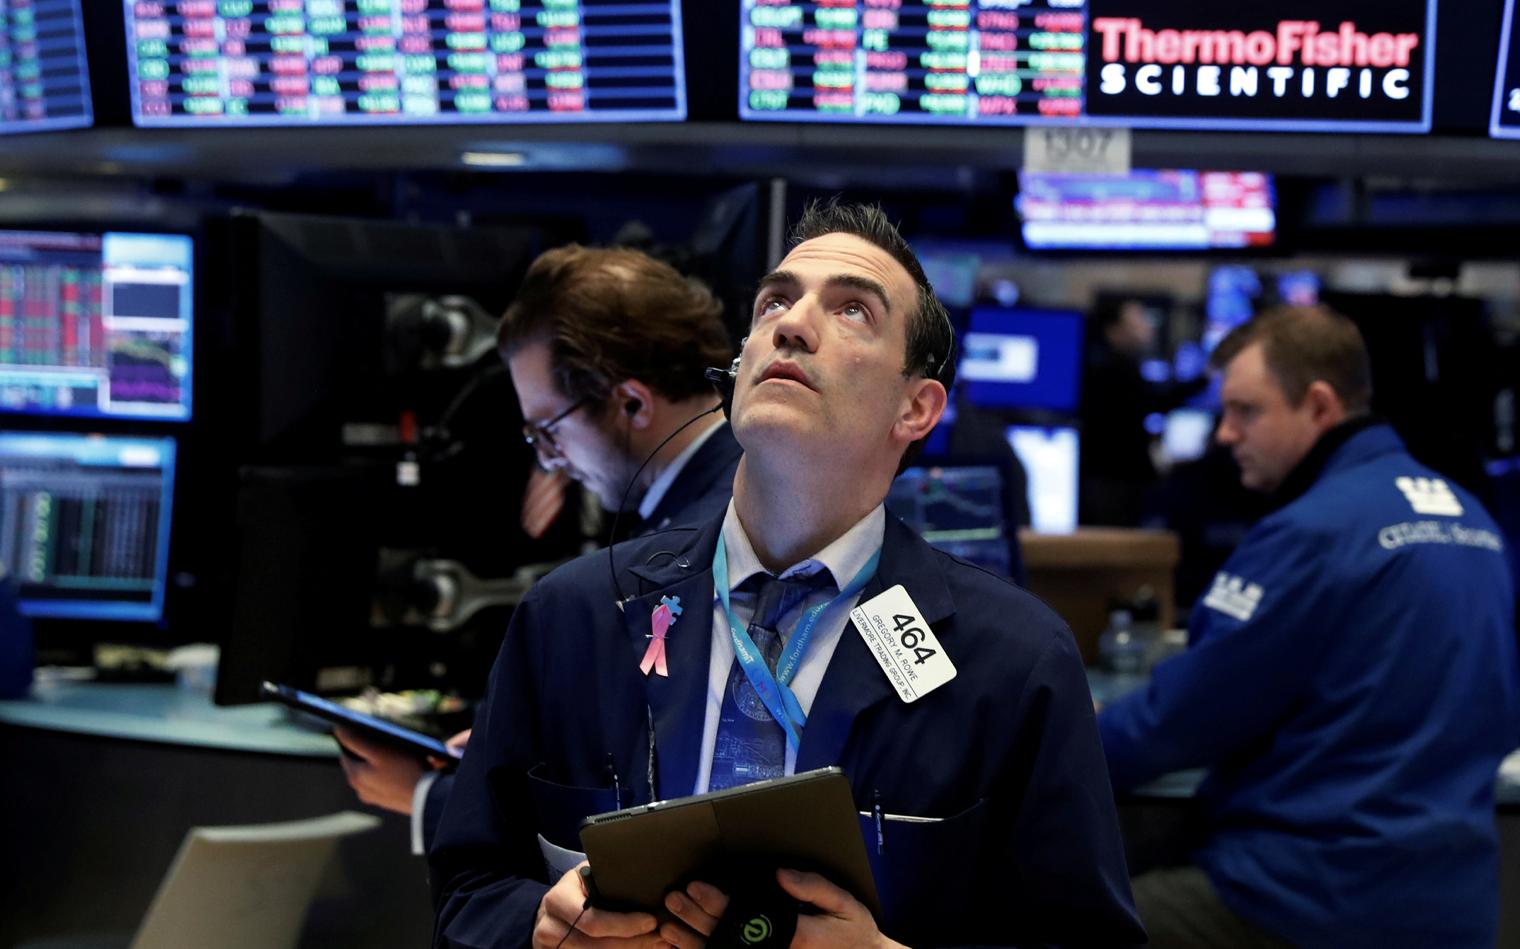 Sắc đỏ tràn ngập Phố Wall vì nỗi lo về sự hồi phục kinh tế, Dow Jones có lúc rớt hơn 500 điểm